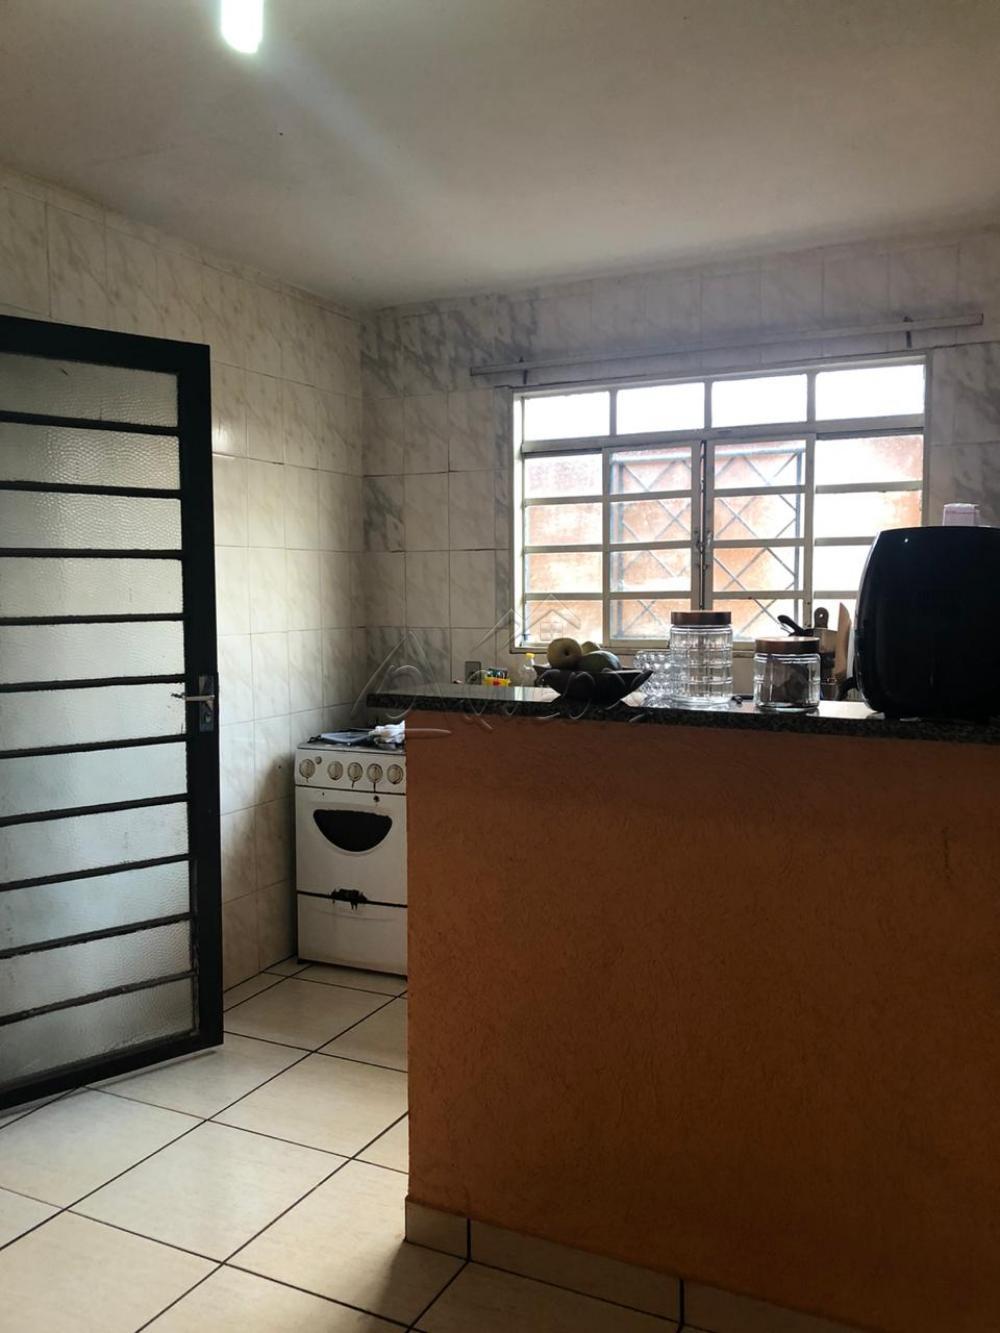 Comprar Casa / Padrão em Barretos apenas R$ 140.000,00 - Foto 10